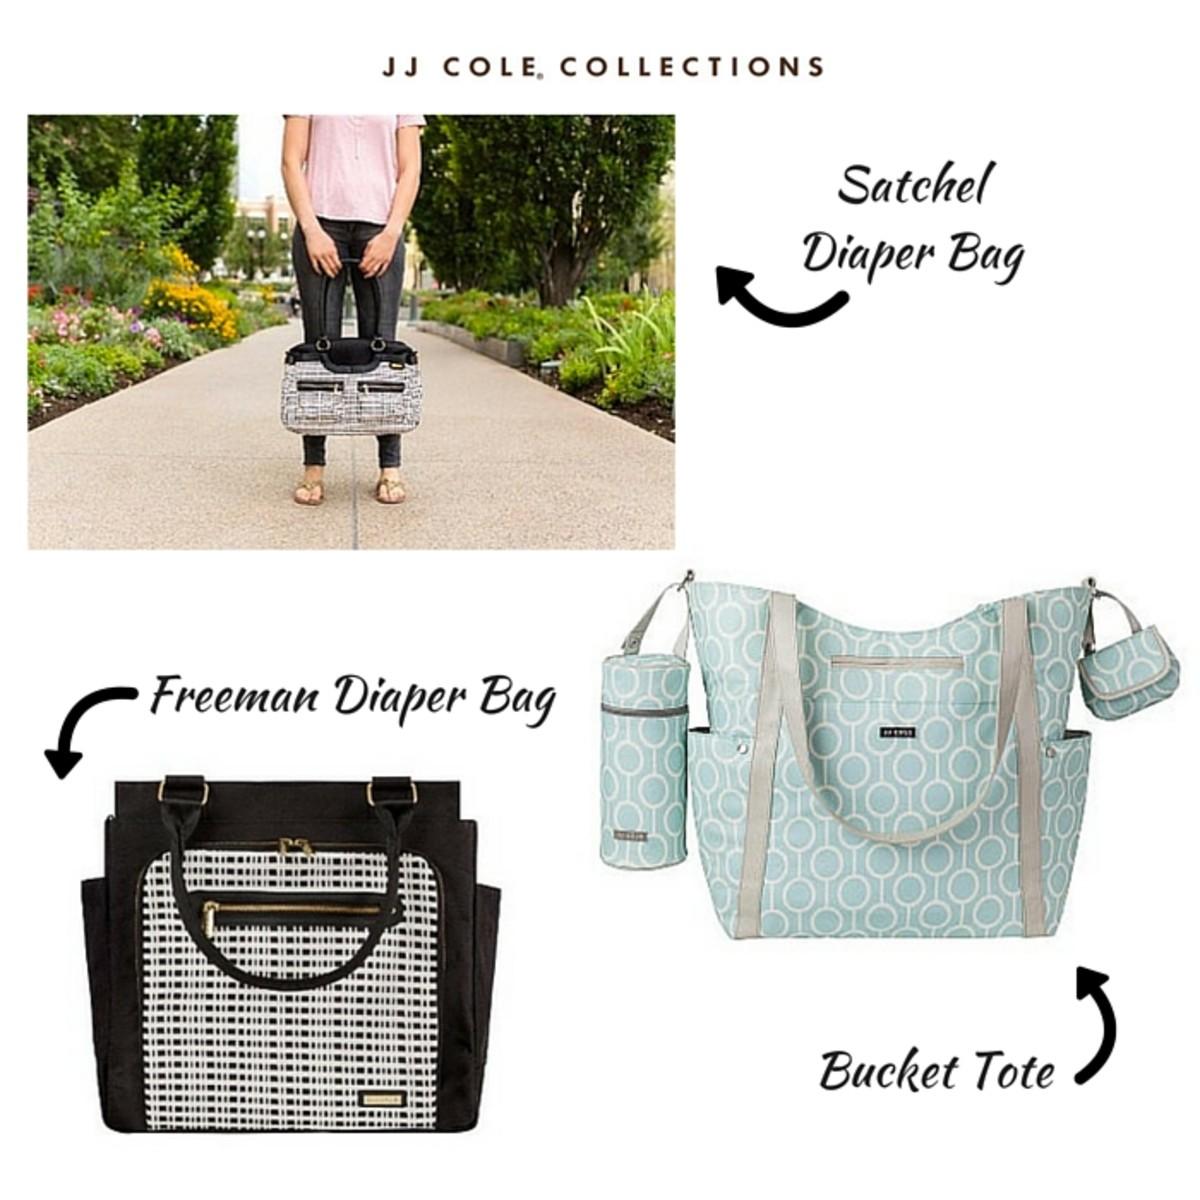 Freeman Diaper Bag(1)